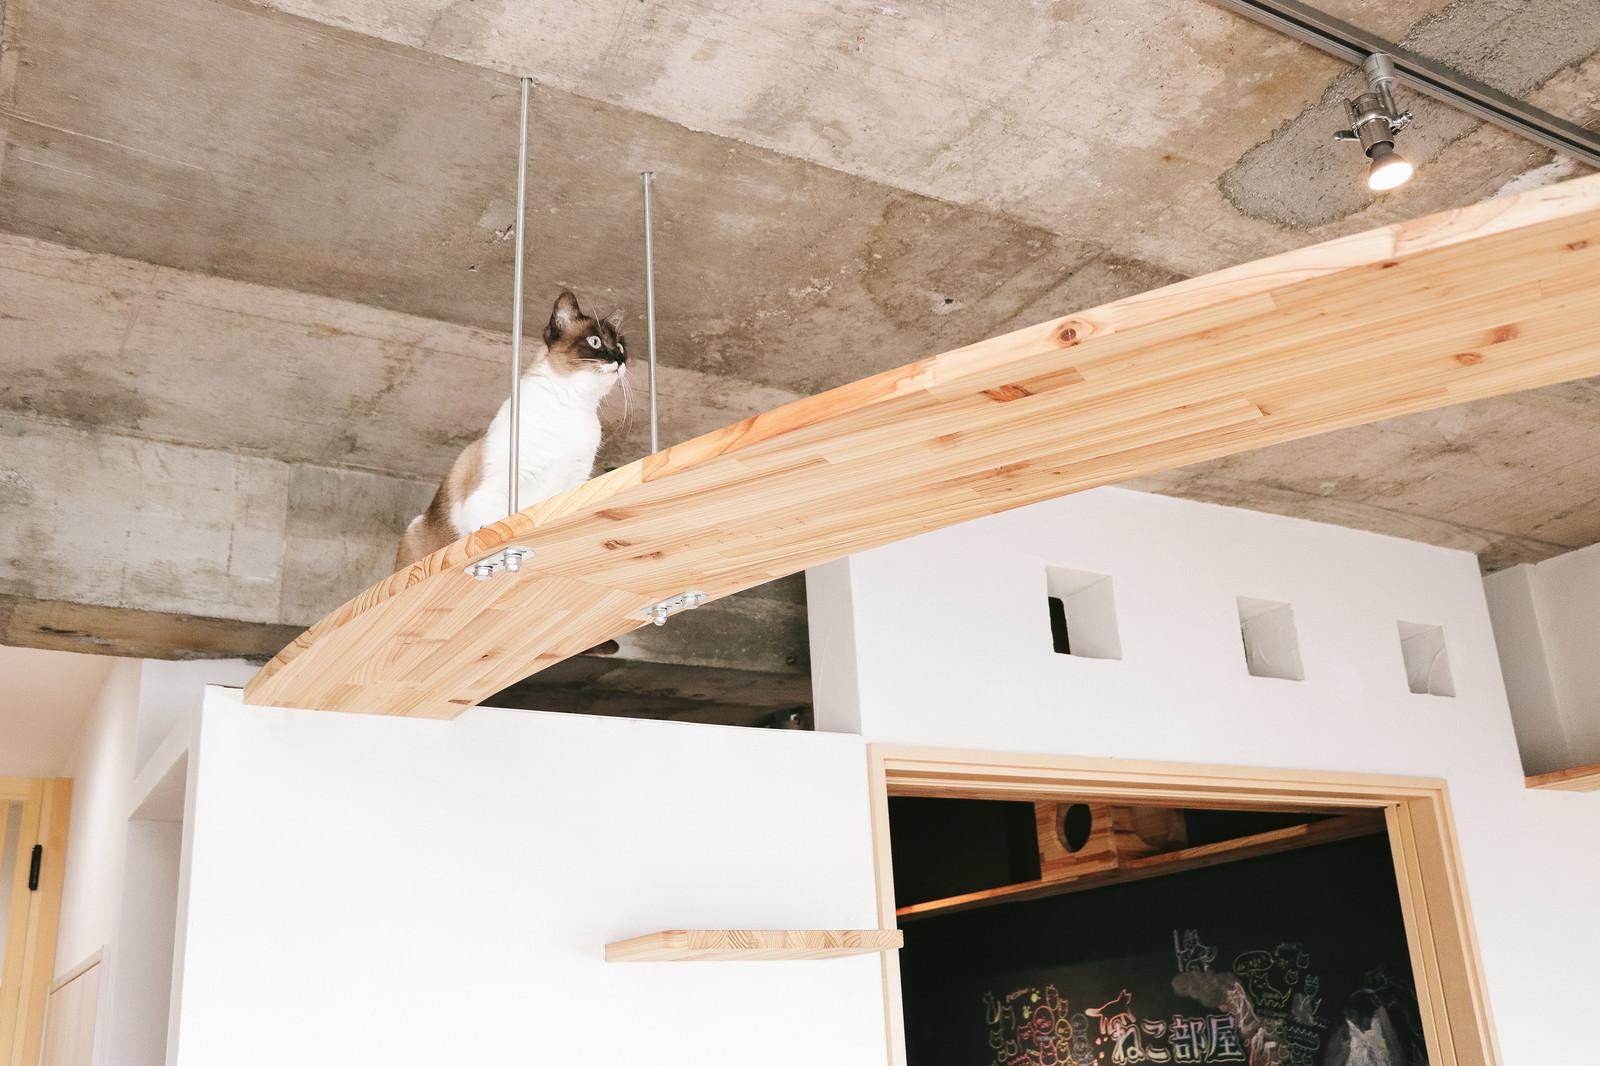 「猫への思いやりがつまったキャットウォークがある家猫への思いやりがつまったキャットウォークがある家」のフリー写真素材を拡大